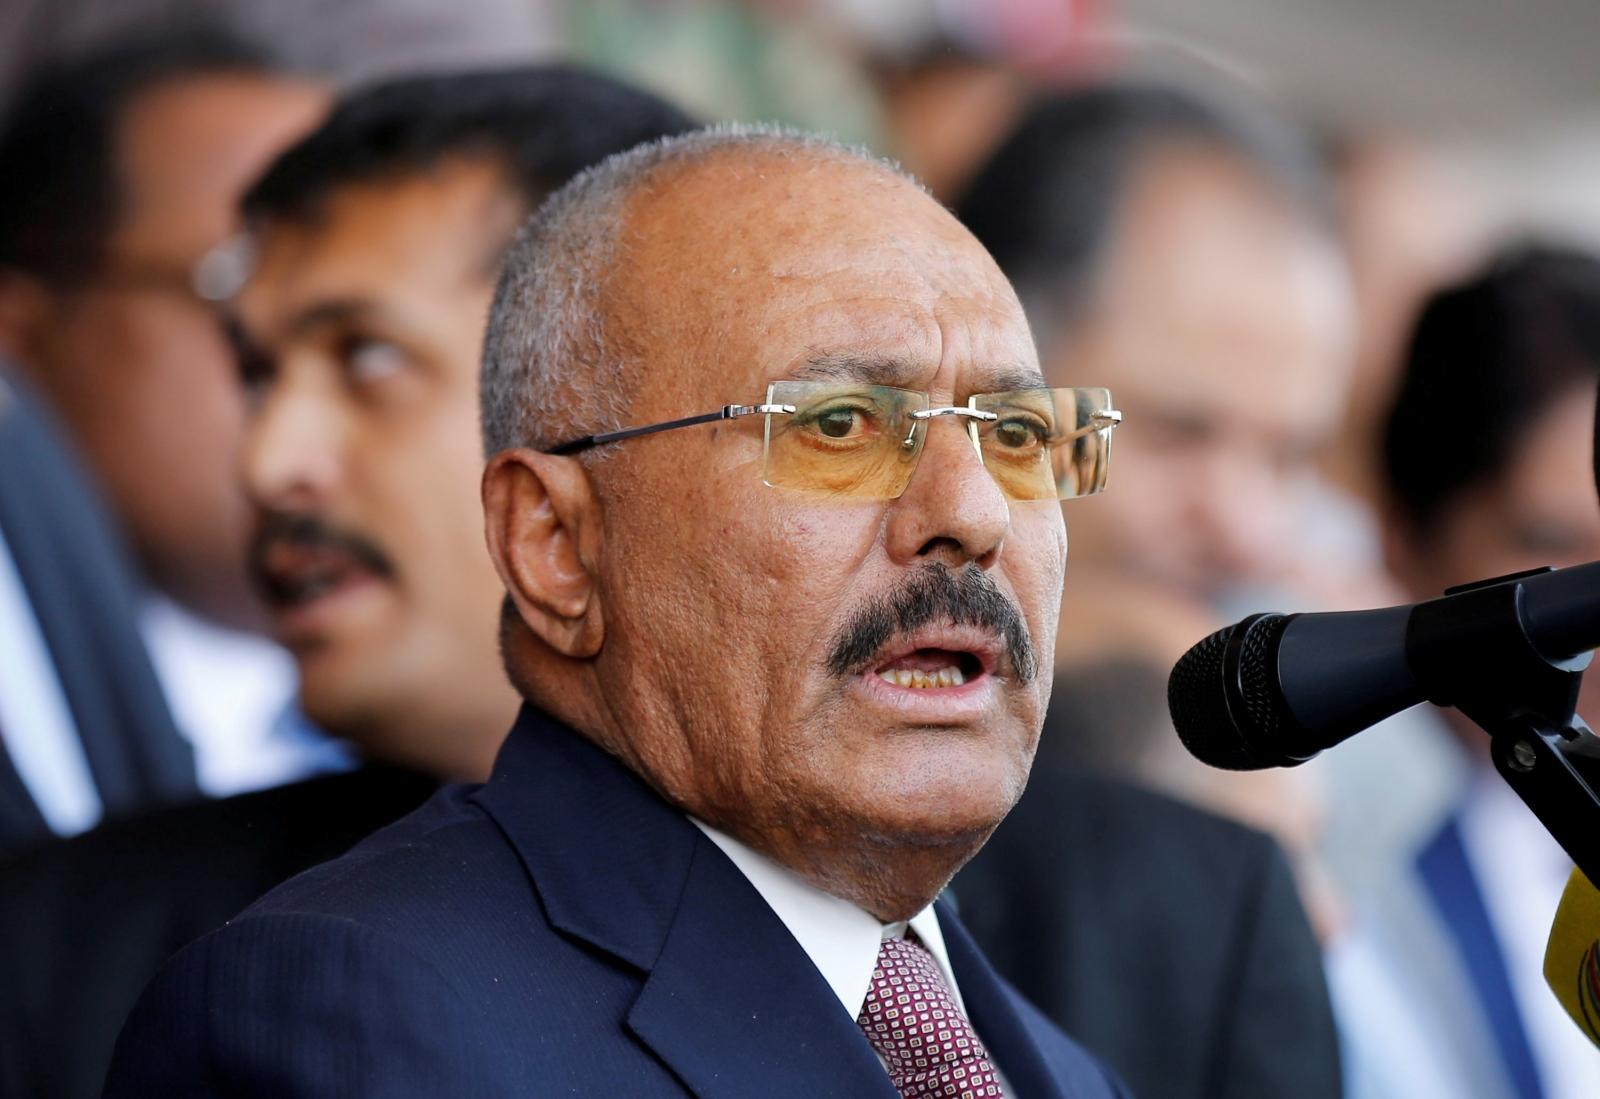 Yemen former president Saleh